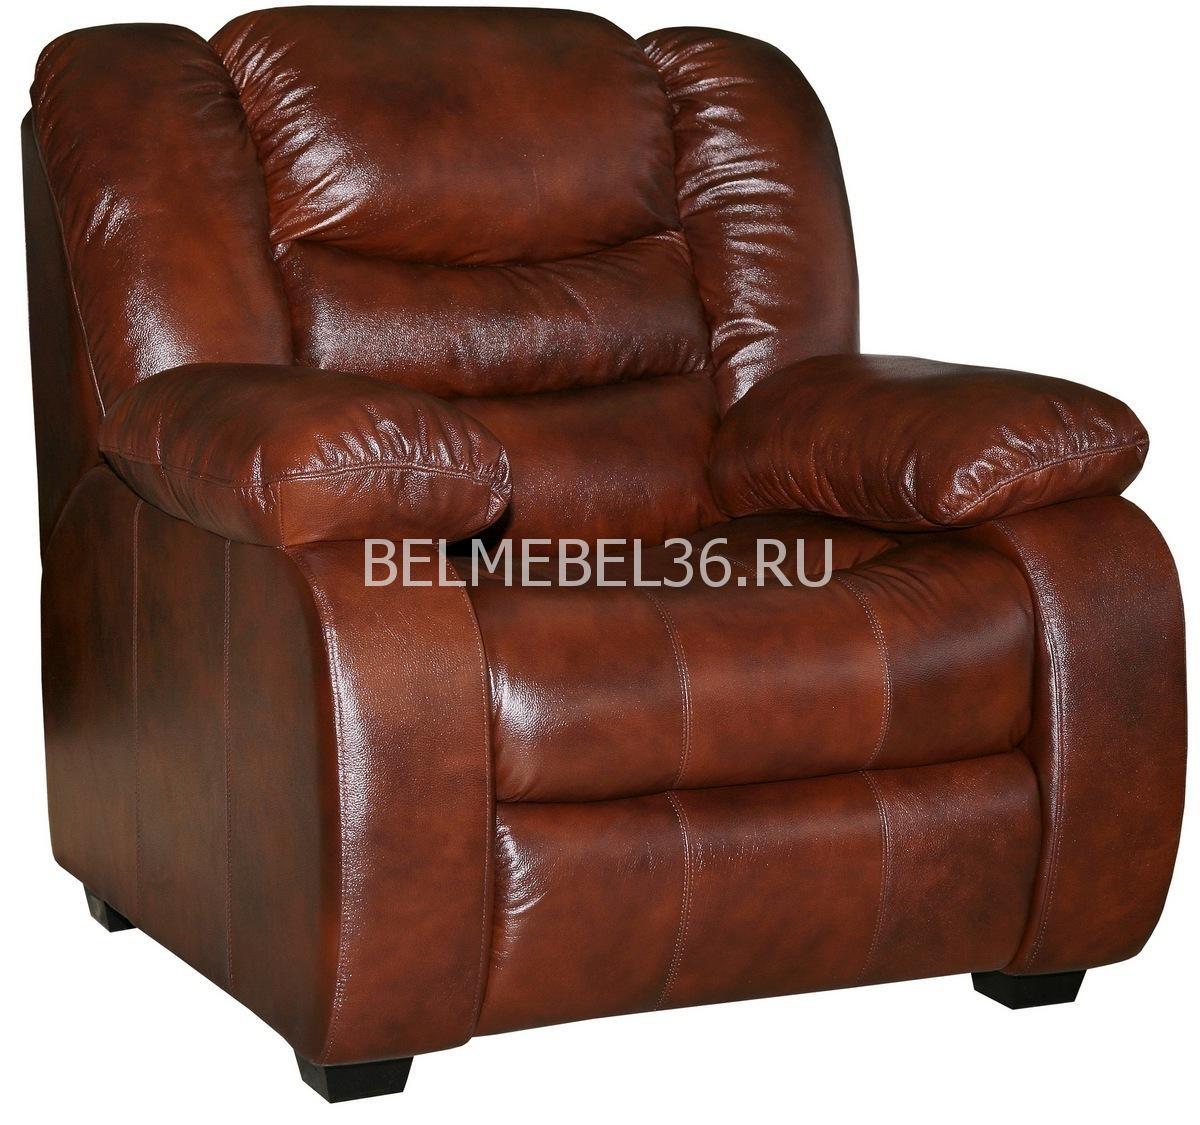 Кресло Манчестер 1 (12) П-Д033   Белорусская мебель в Воронеже